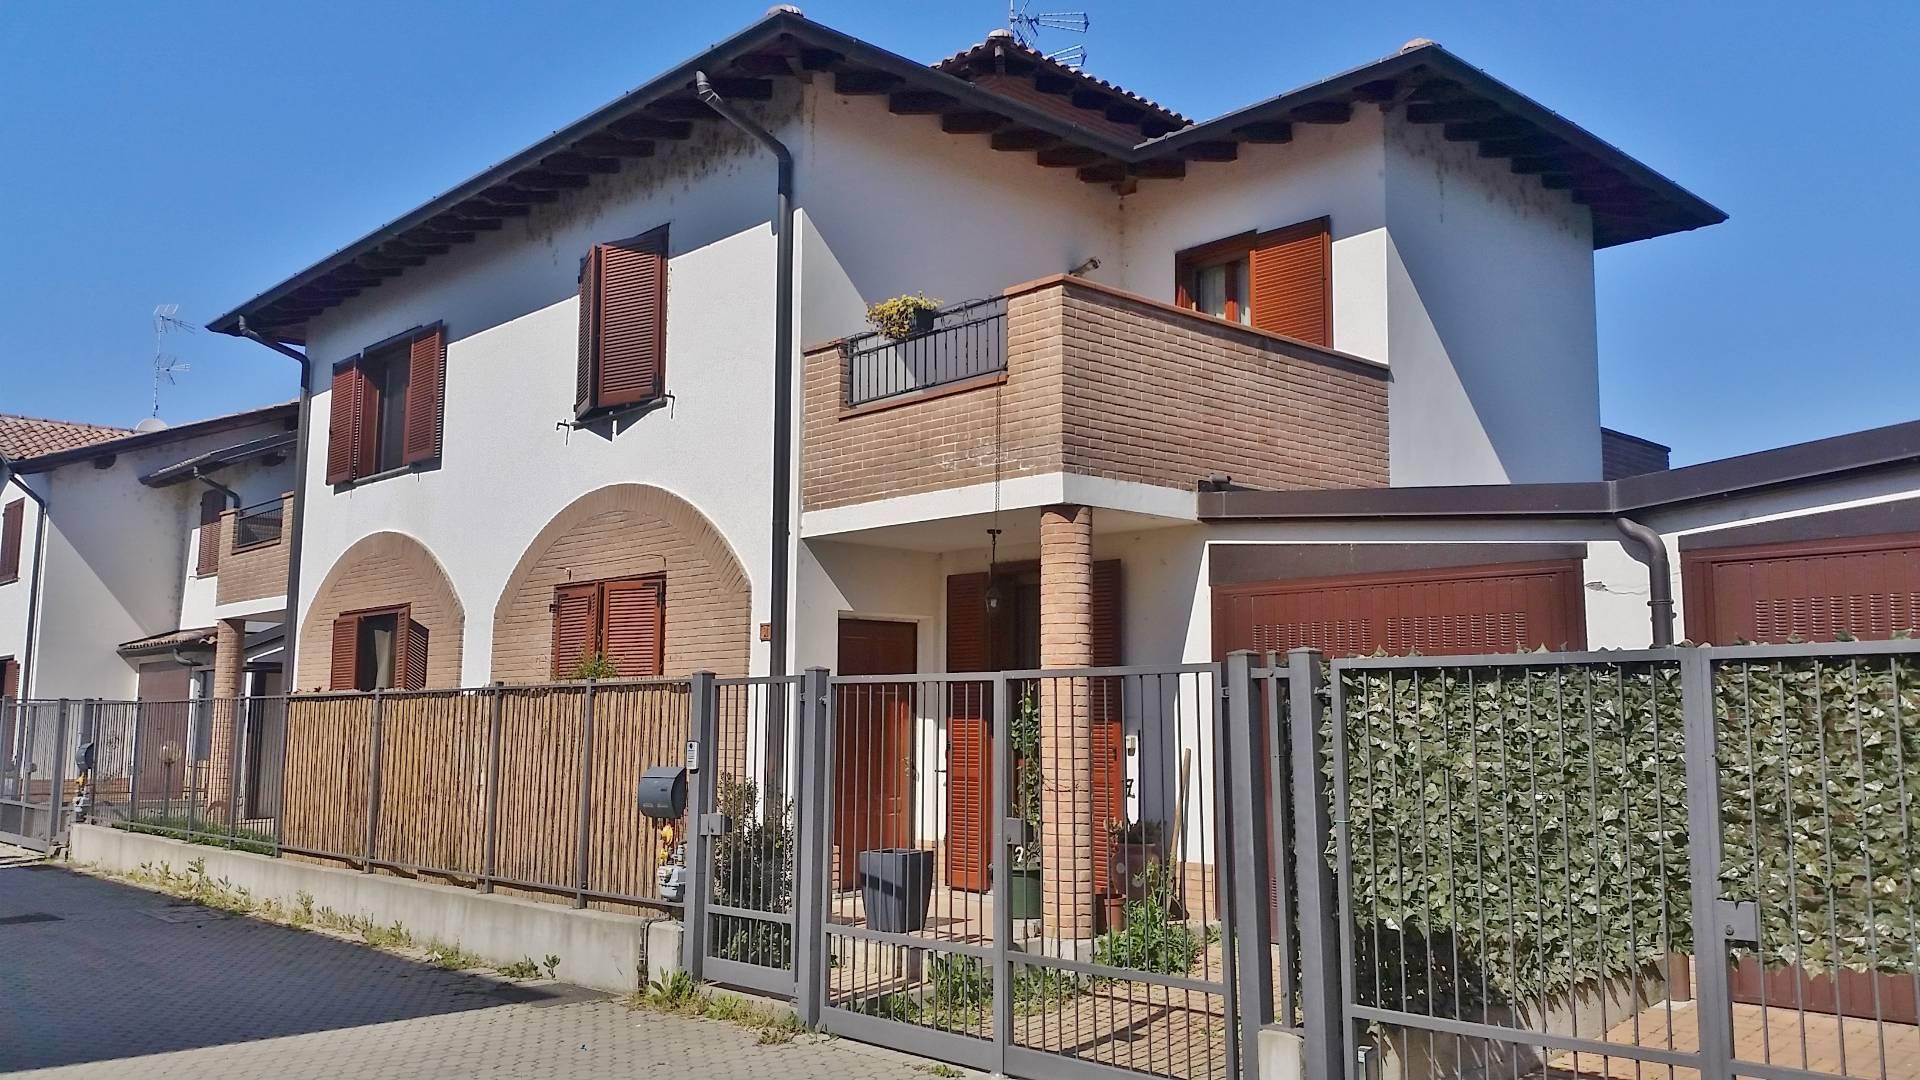 Villa Bifamiliare in vendita a Zinasco, 4 locali, zona Località: ZinascoVecchio, prezzo € 169.000   CambioCasa.it